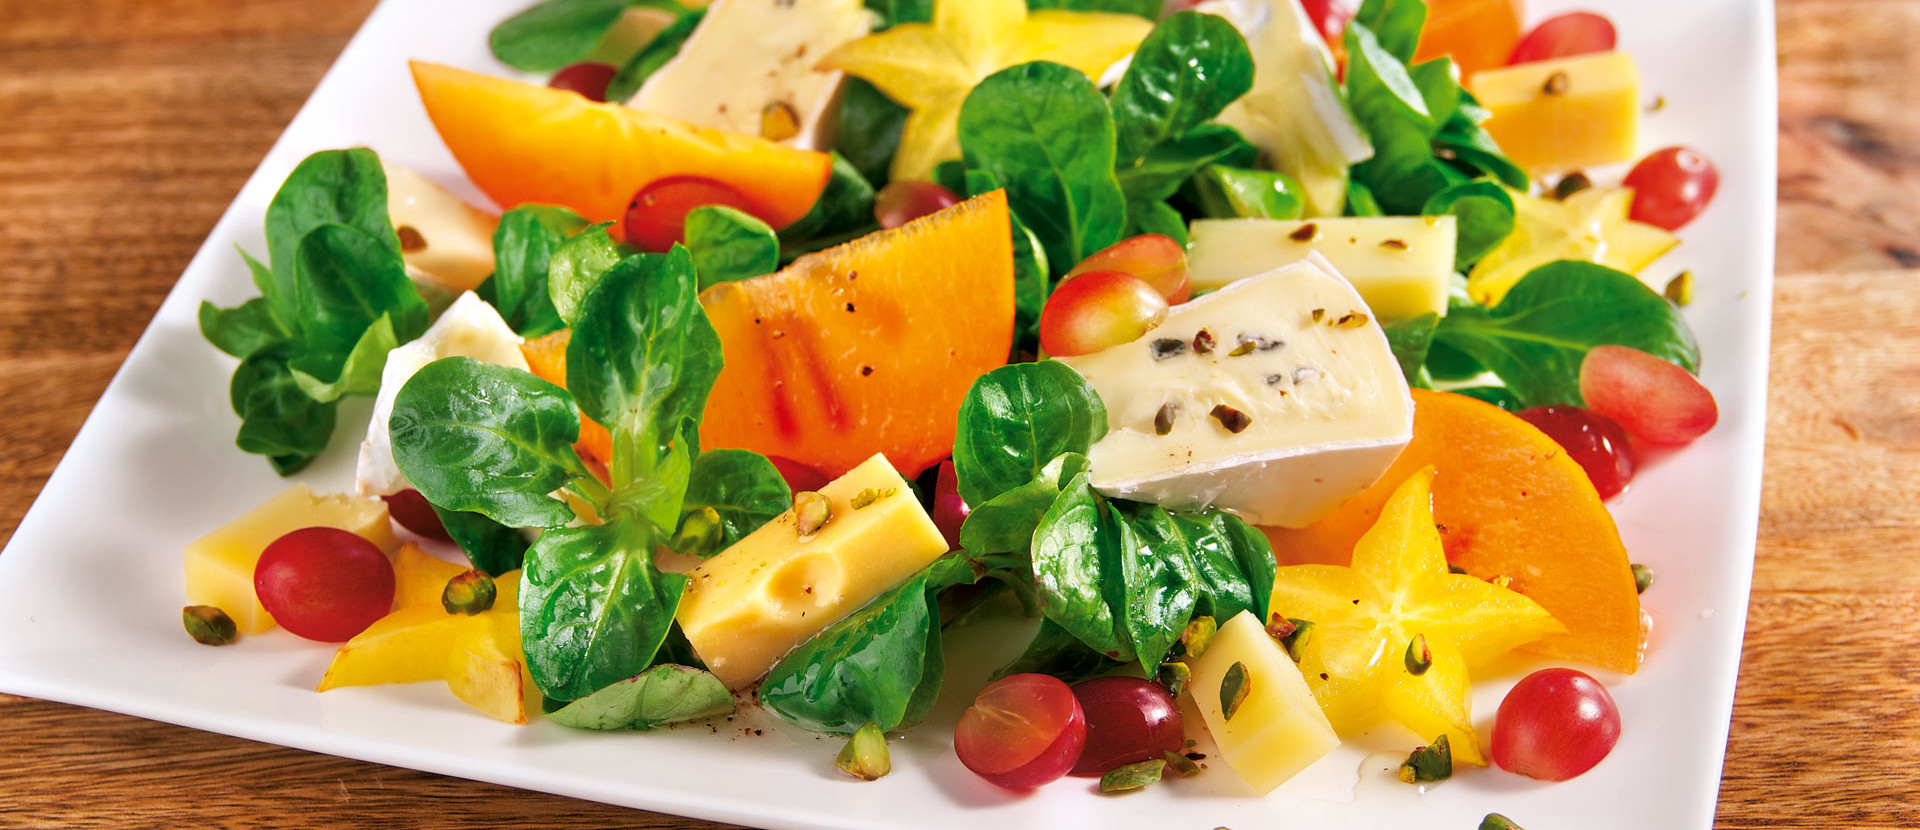 Käsesalat mit exotischen Früchten